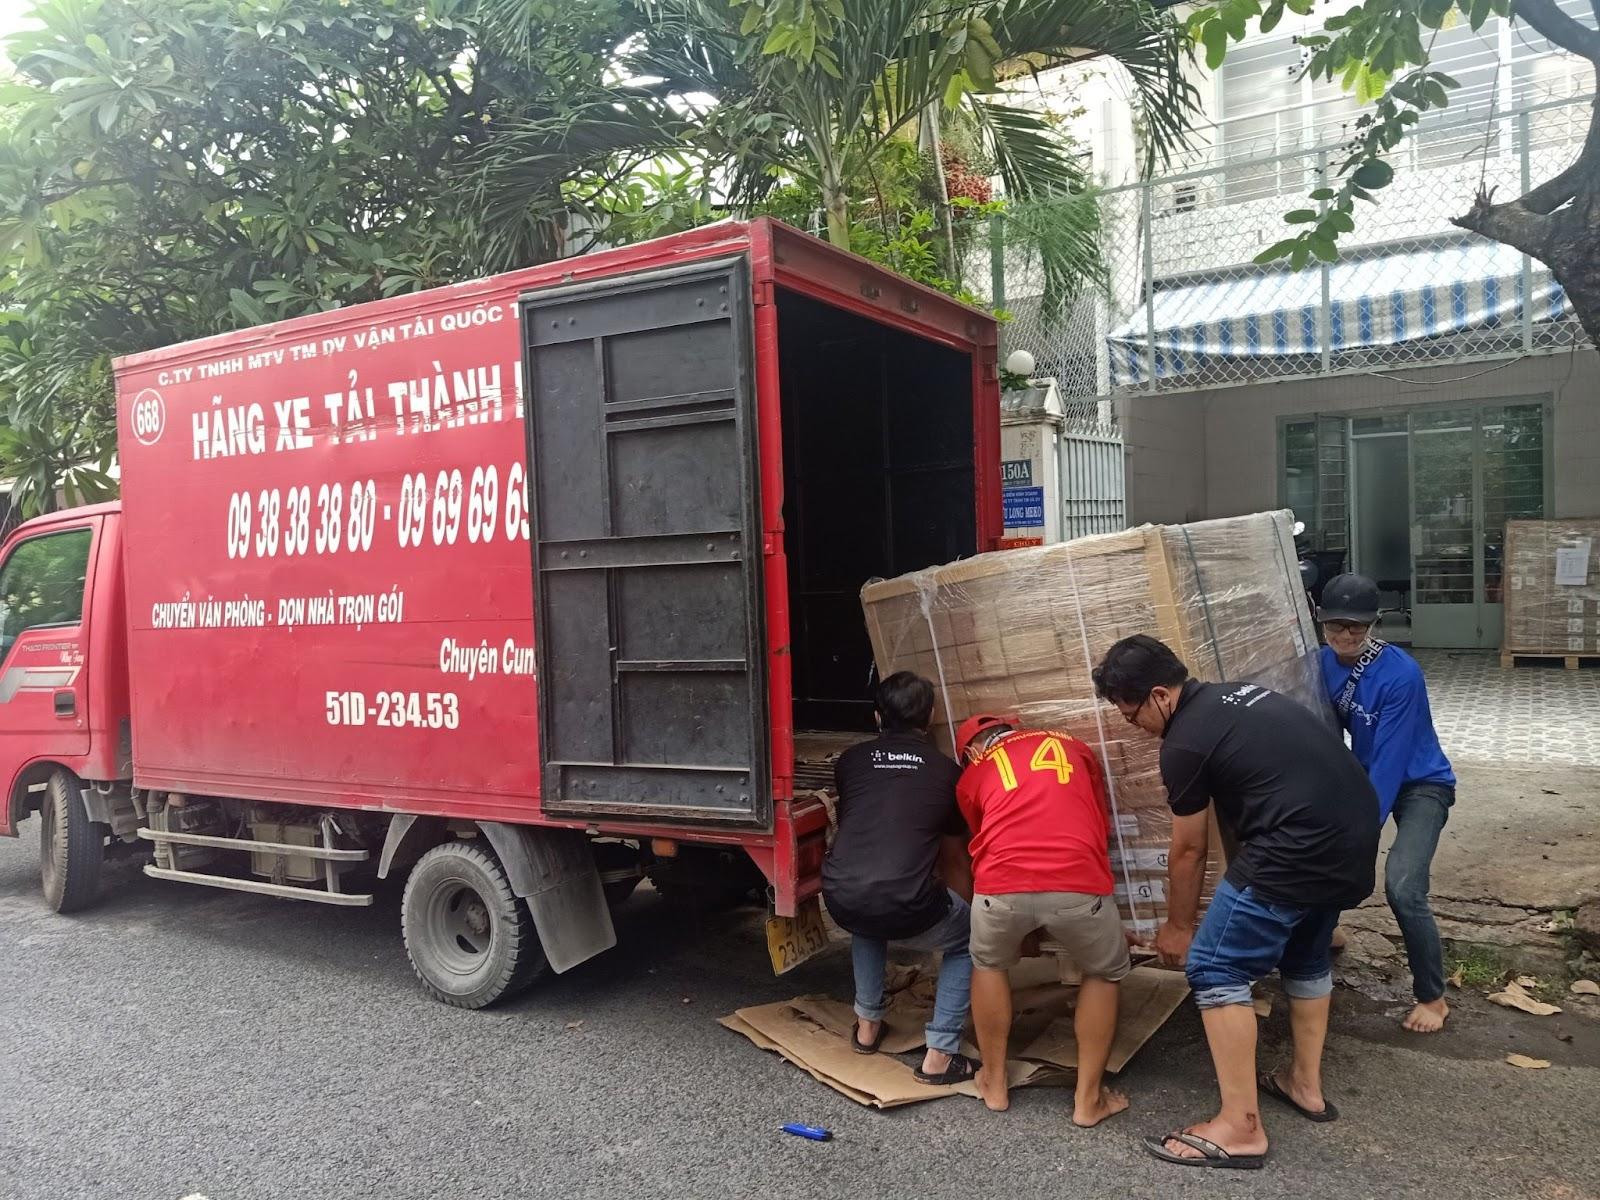 Thùng carton chuyển nhà quận 10 Thành Hưng